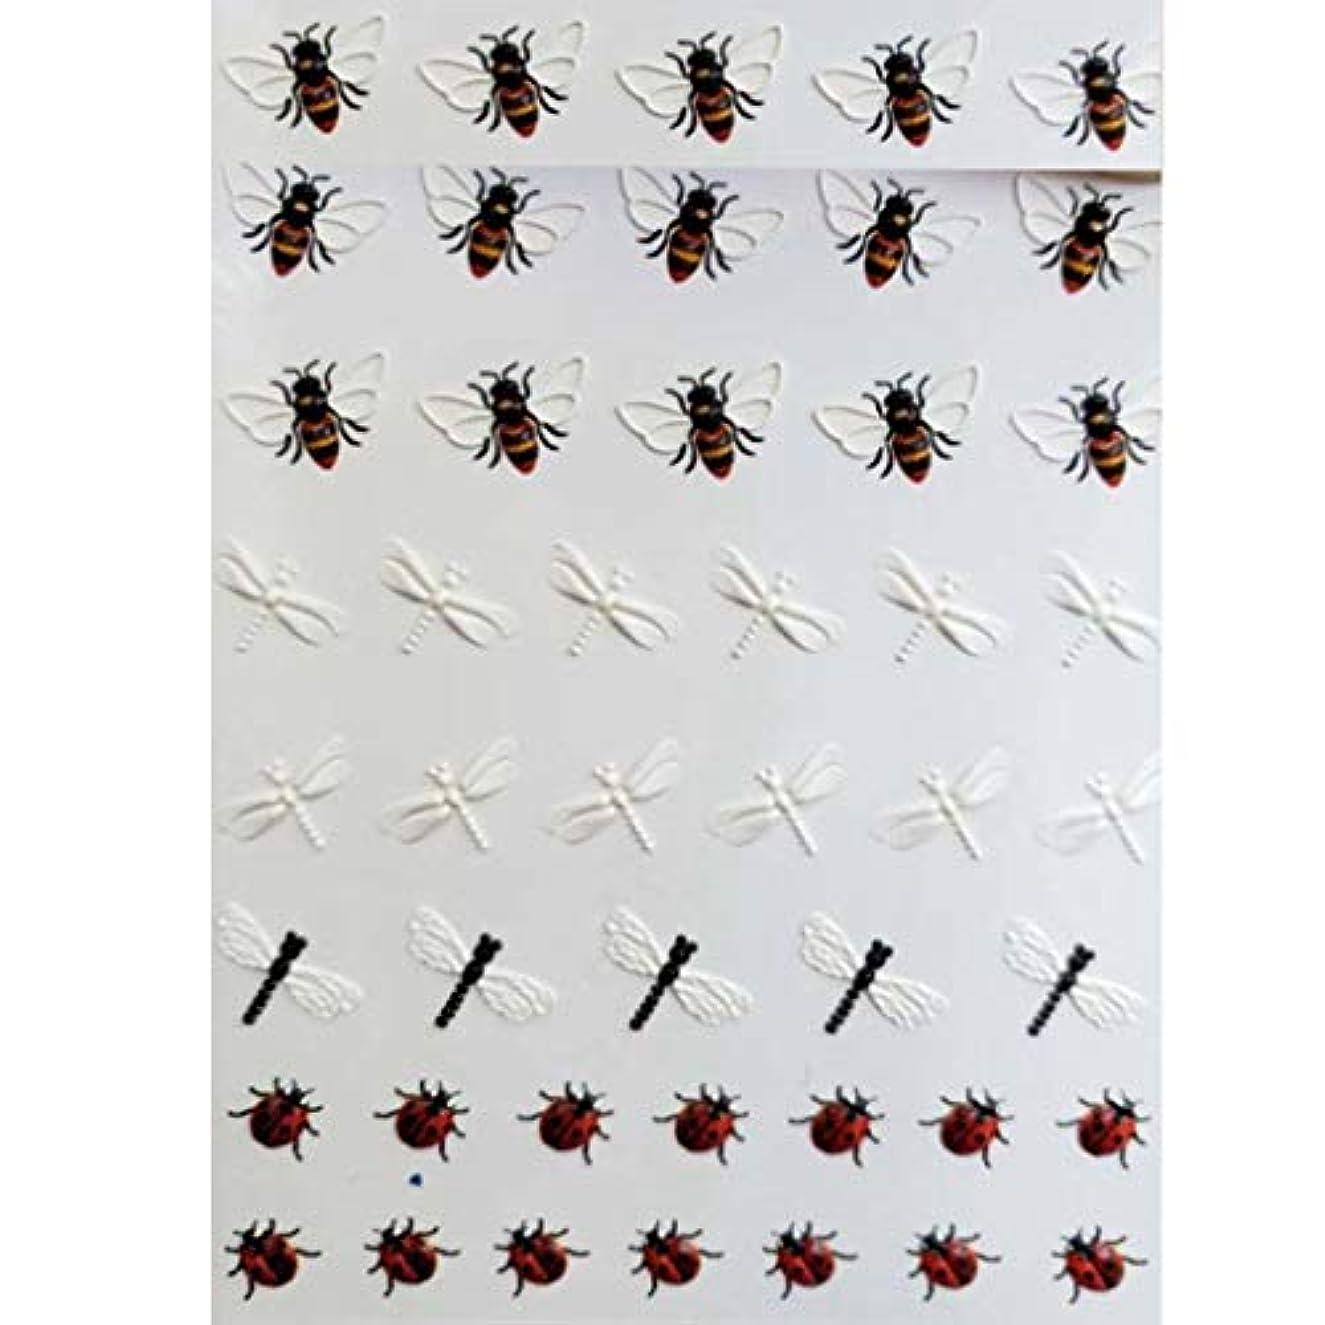 部分的ロードブロッキング信頼性のあるLazayyii 6d刻印 アクリル ネイル ステッカー ネイルステッカーエンボスフラワーウォーター (B)